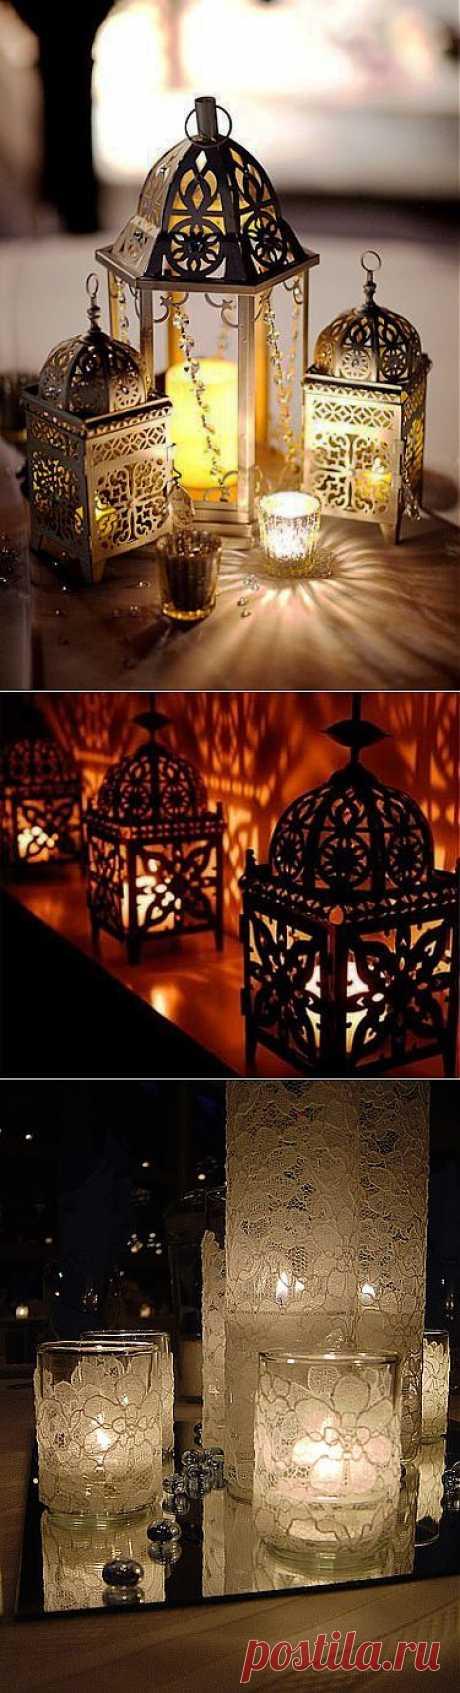 Кружевной свет - Ярмарка Мастеров - ручная работа, handmade